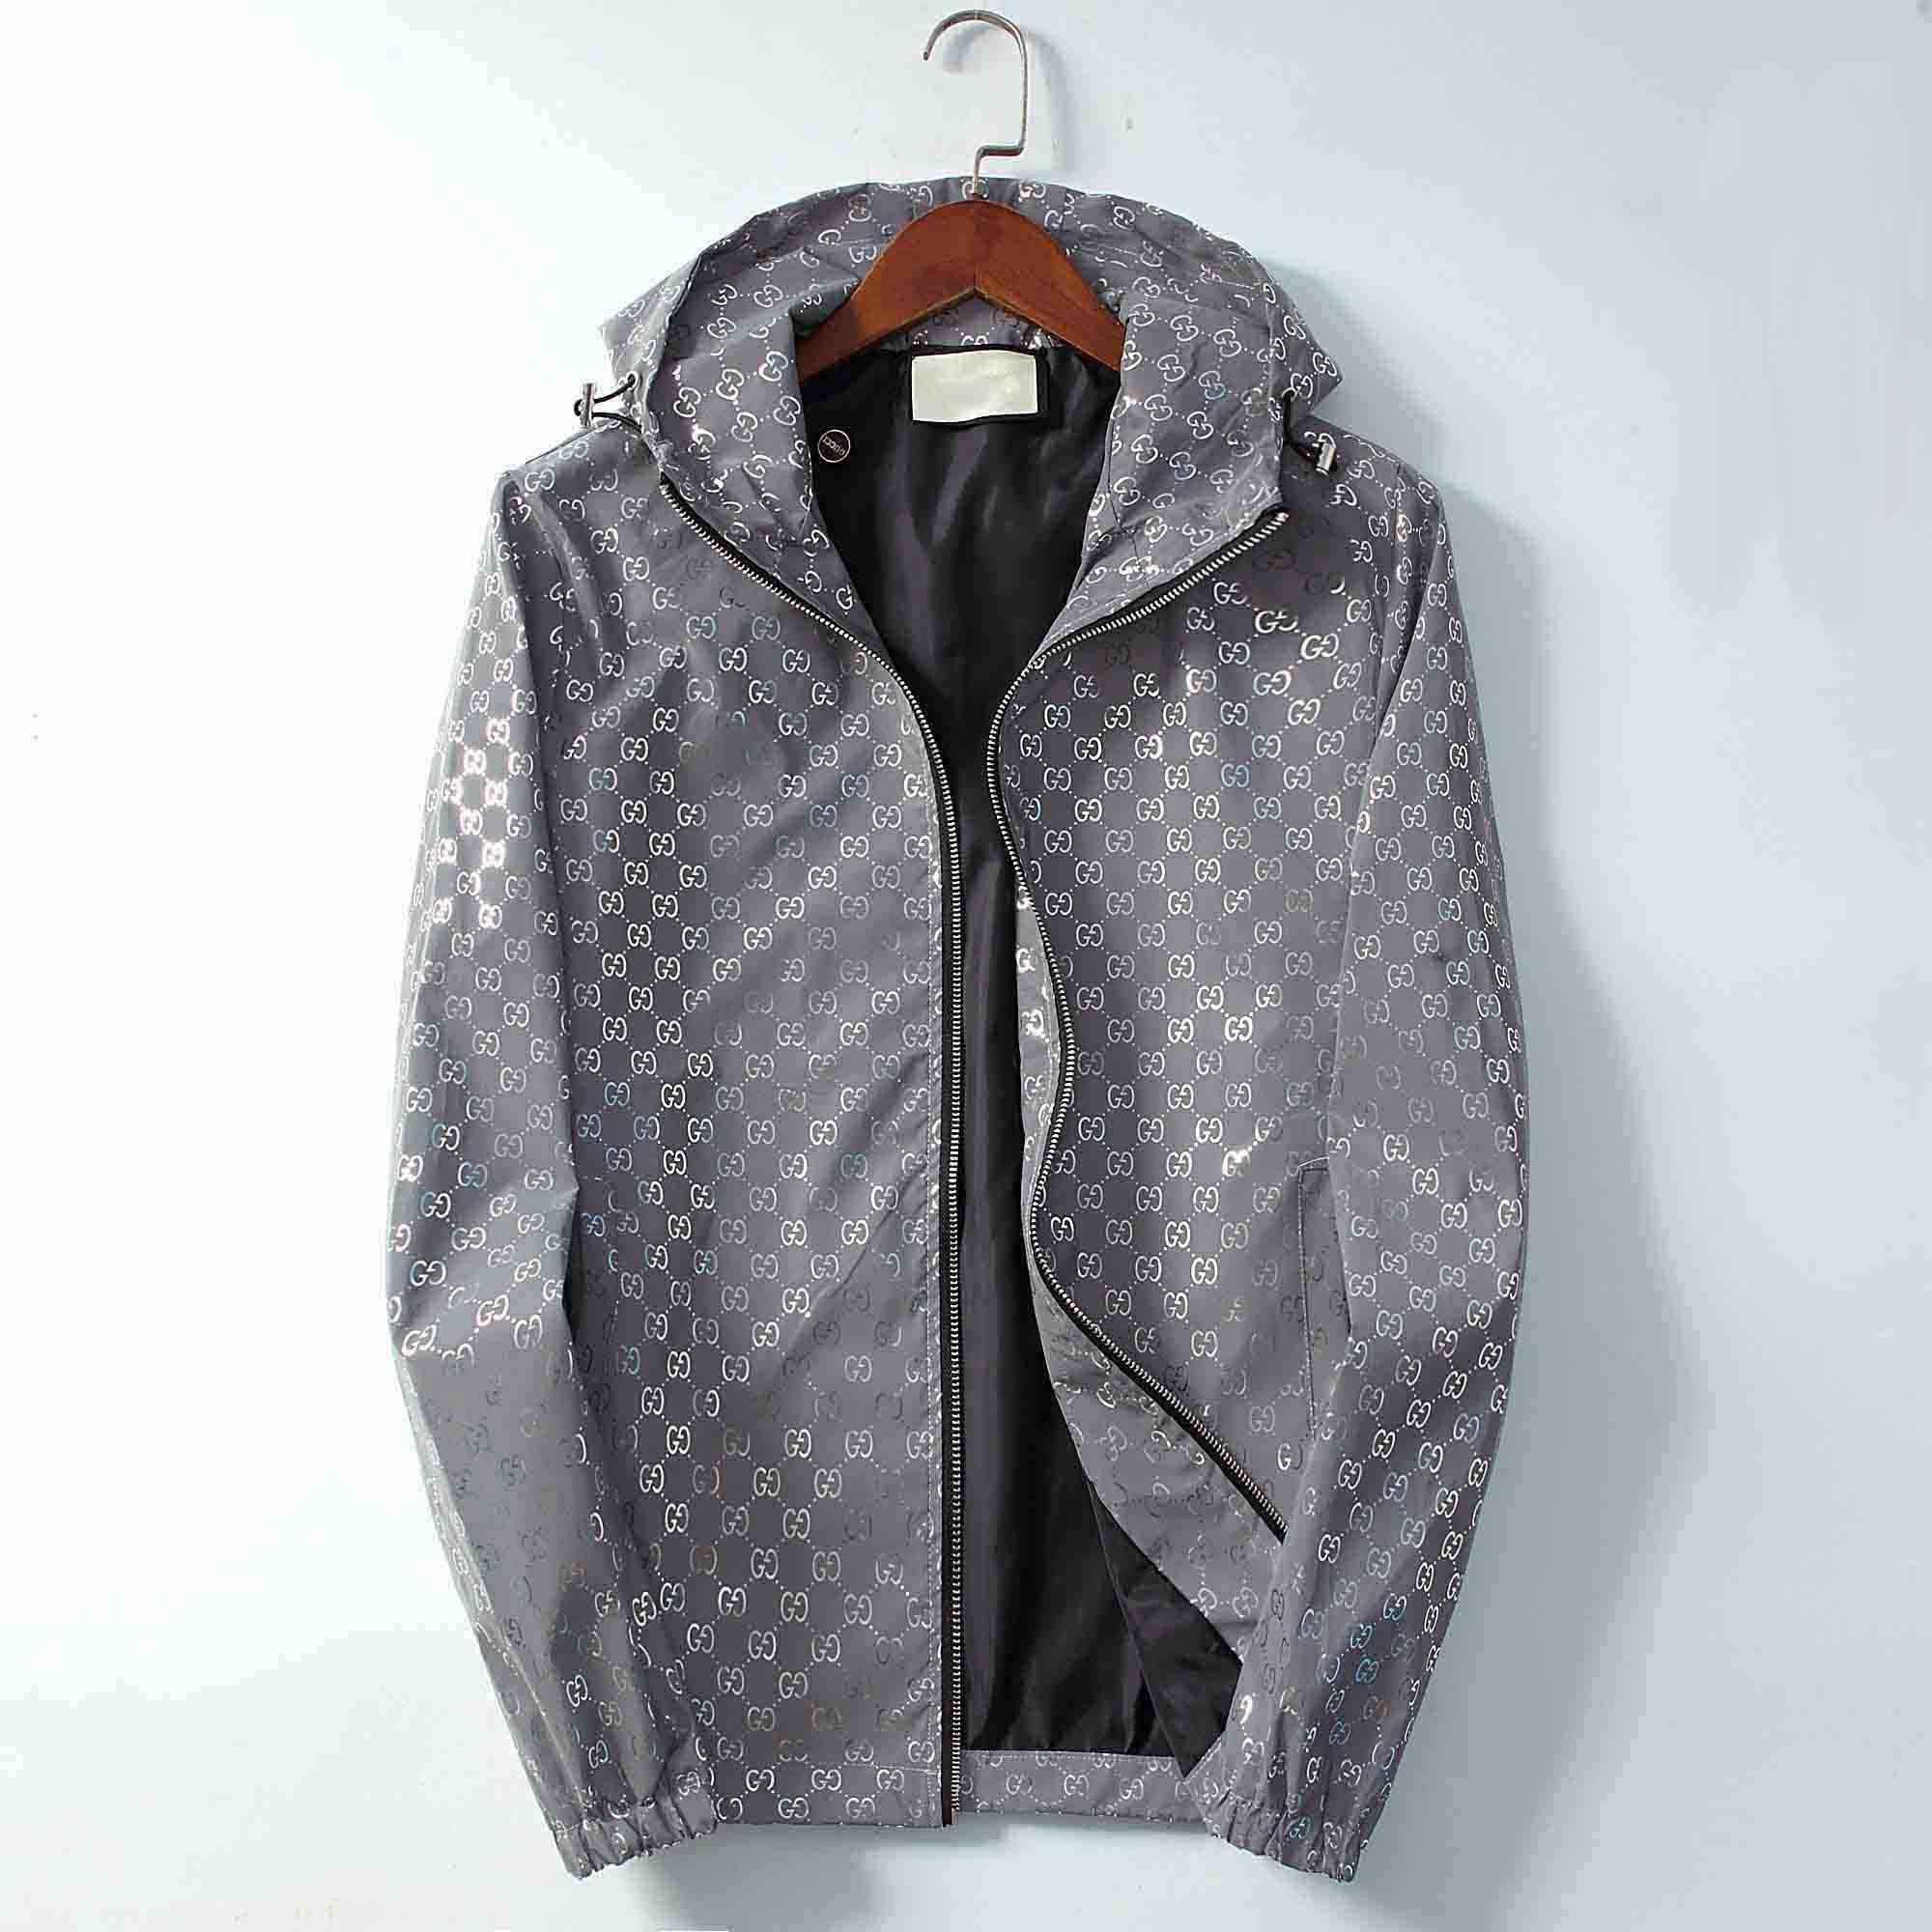 2020 горячие мужские роскошные дизайнерские куртки с длинным рукавом ветровка windrunner мужчины молния водонепроницаемая куртка лицо север толстовка пальто одежда